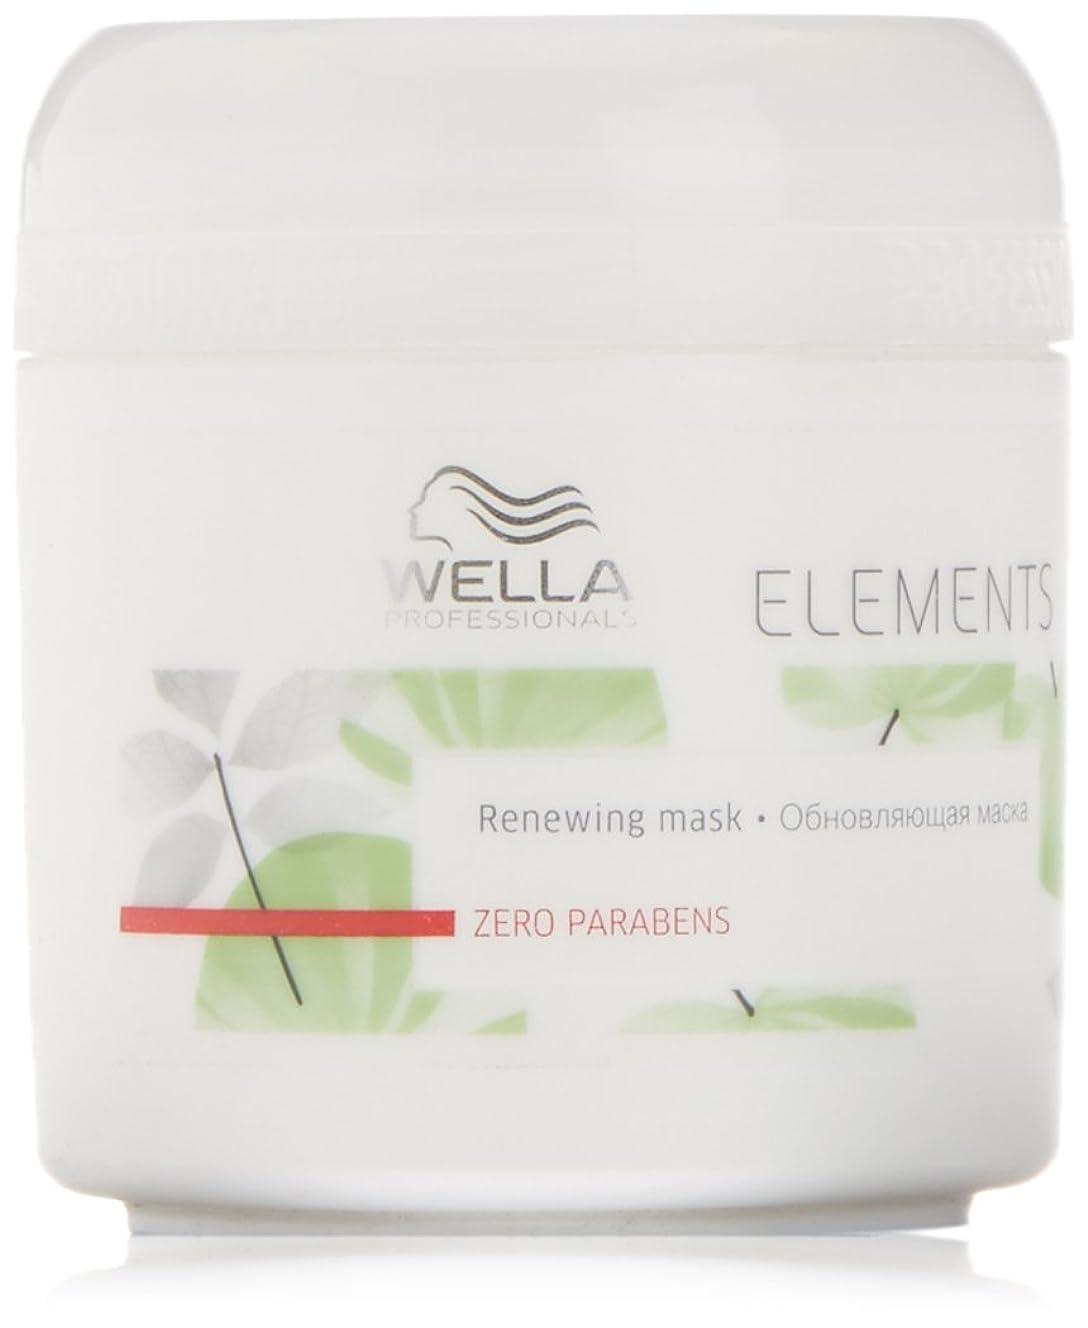 アヒル用心するお風呂を持っているウエラ(WELLA) エレメンツ マスク 150ml